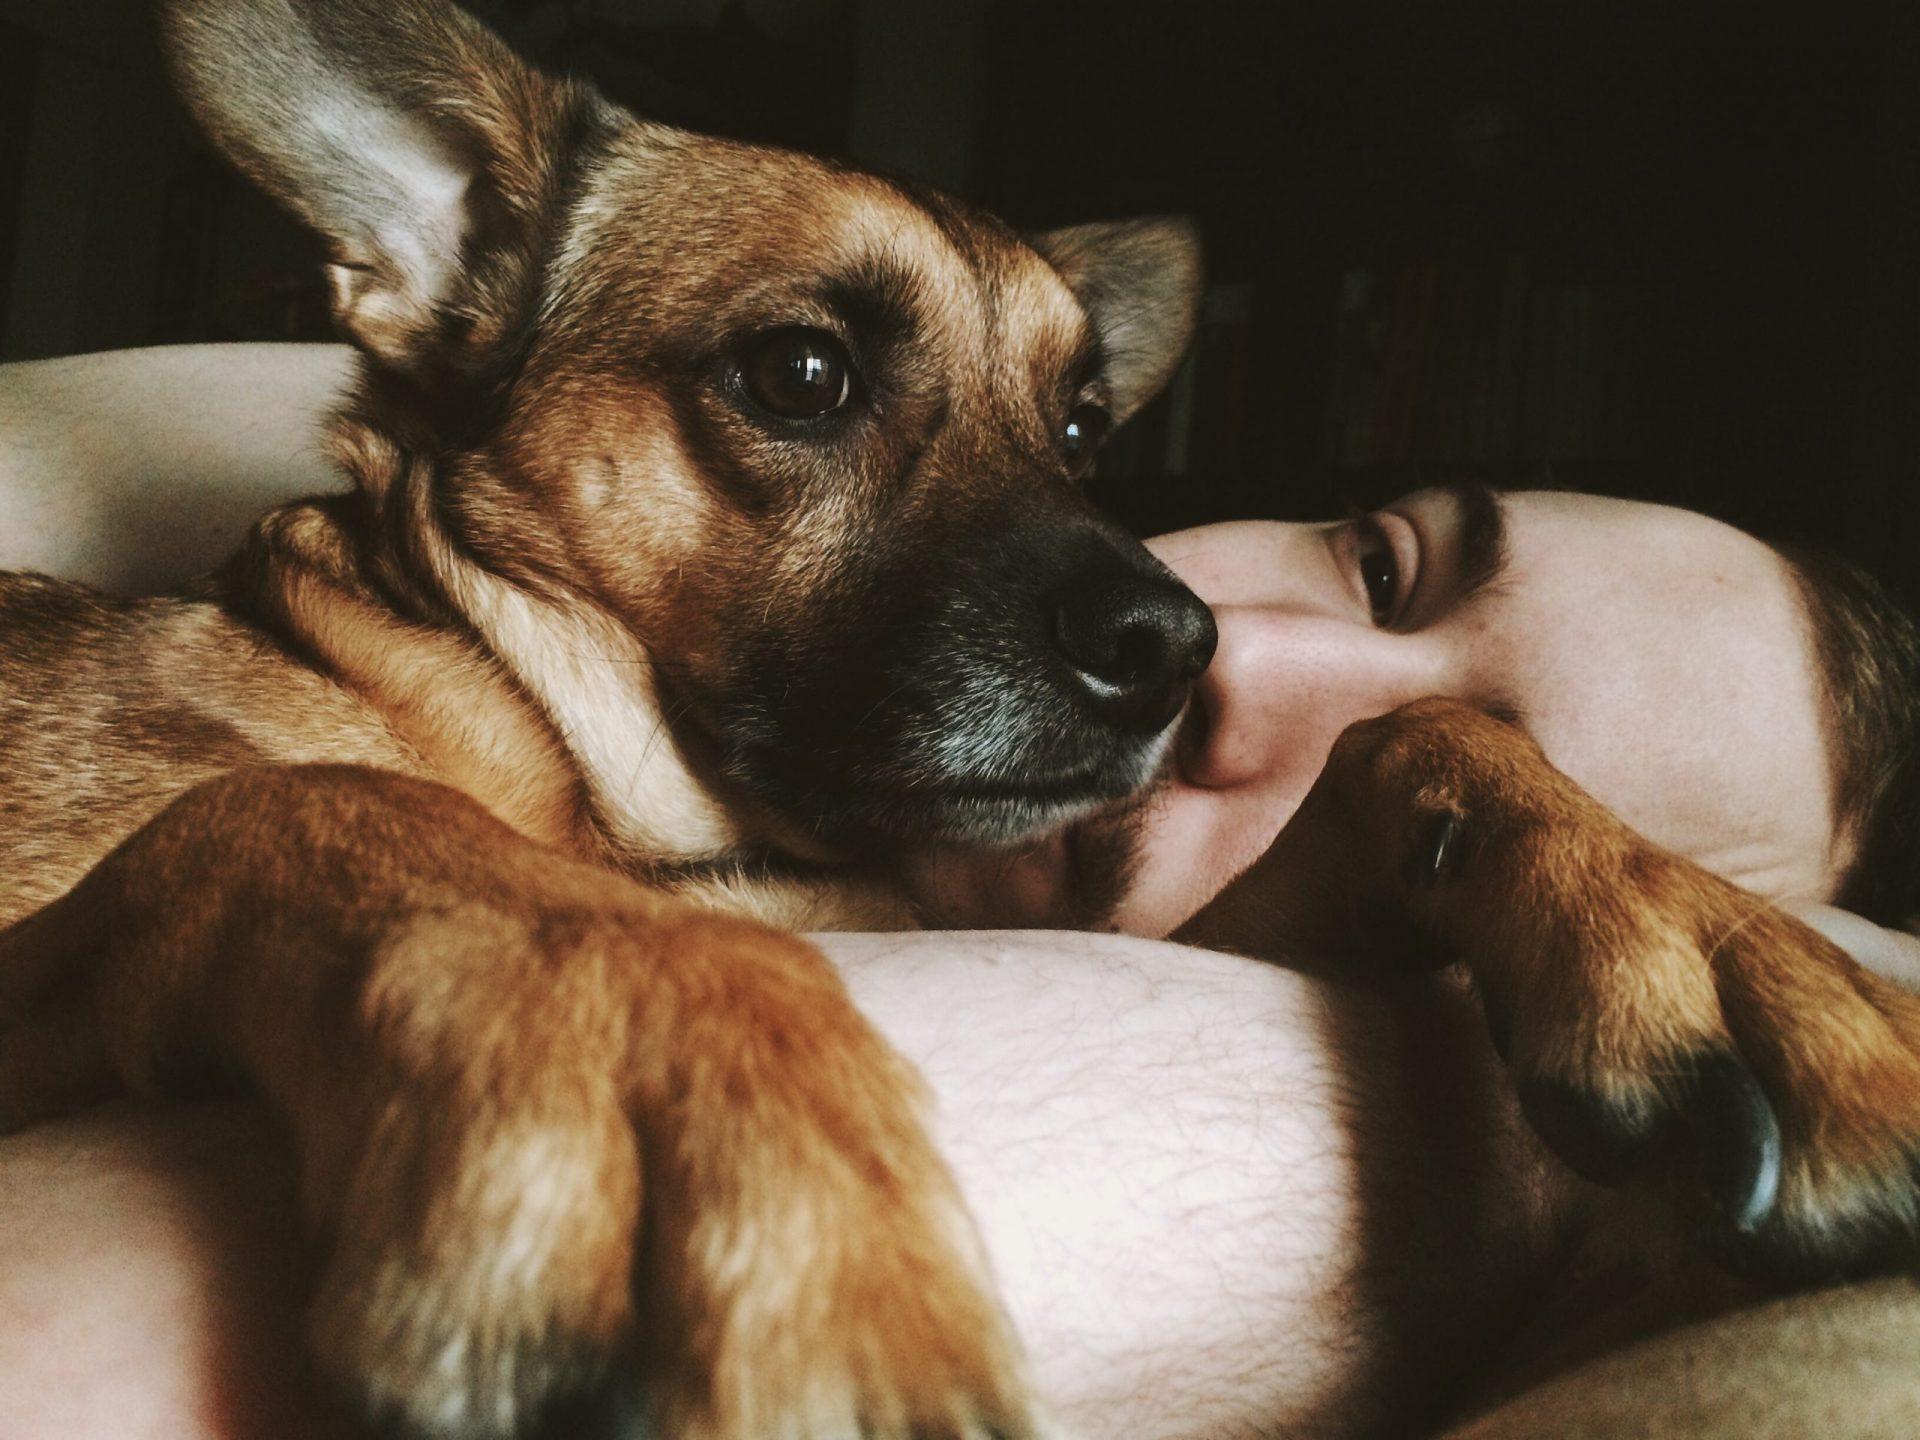 犬の胃拡張・胃捻転症候群とは?